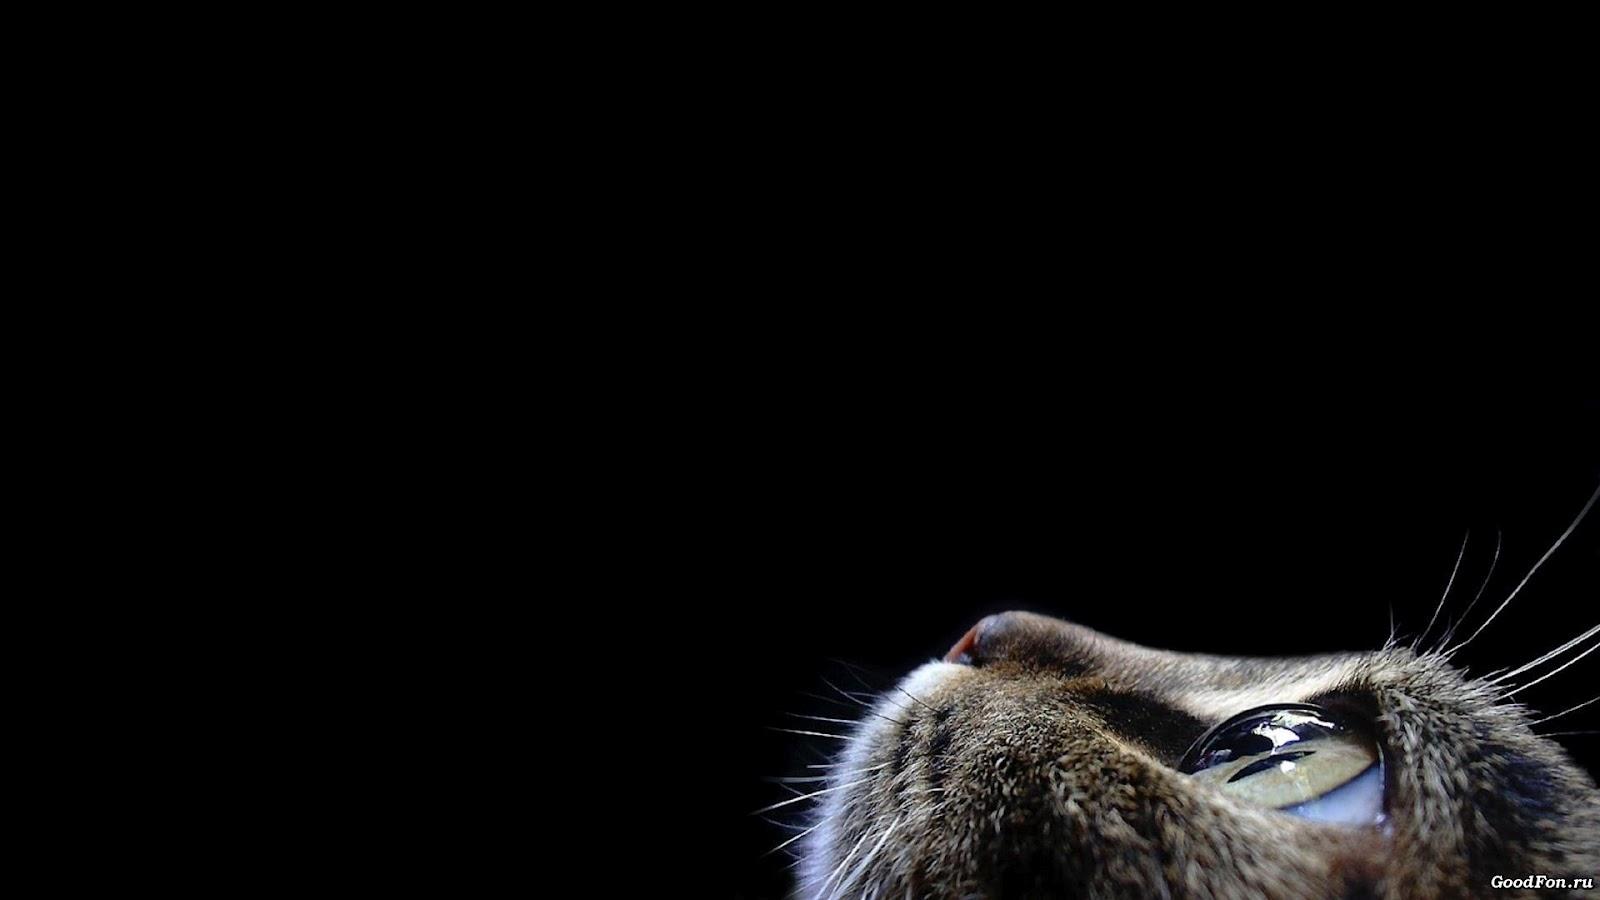 http://2.bp.blogspot.com/-TeRTSUnhNzA/T8cqQ5SUuvI/AAAAAAAAaN4/ZwOp3SlPqAU/s1600/cat_wallpaper.jpg